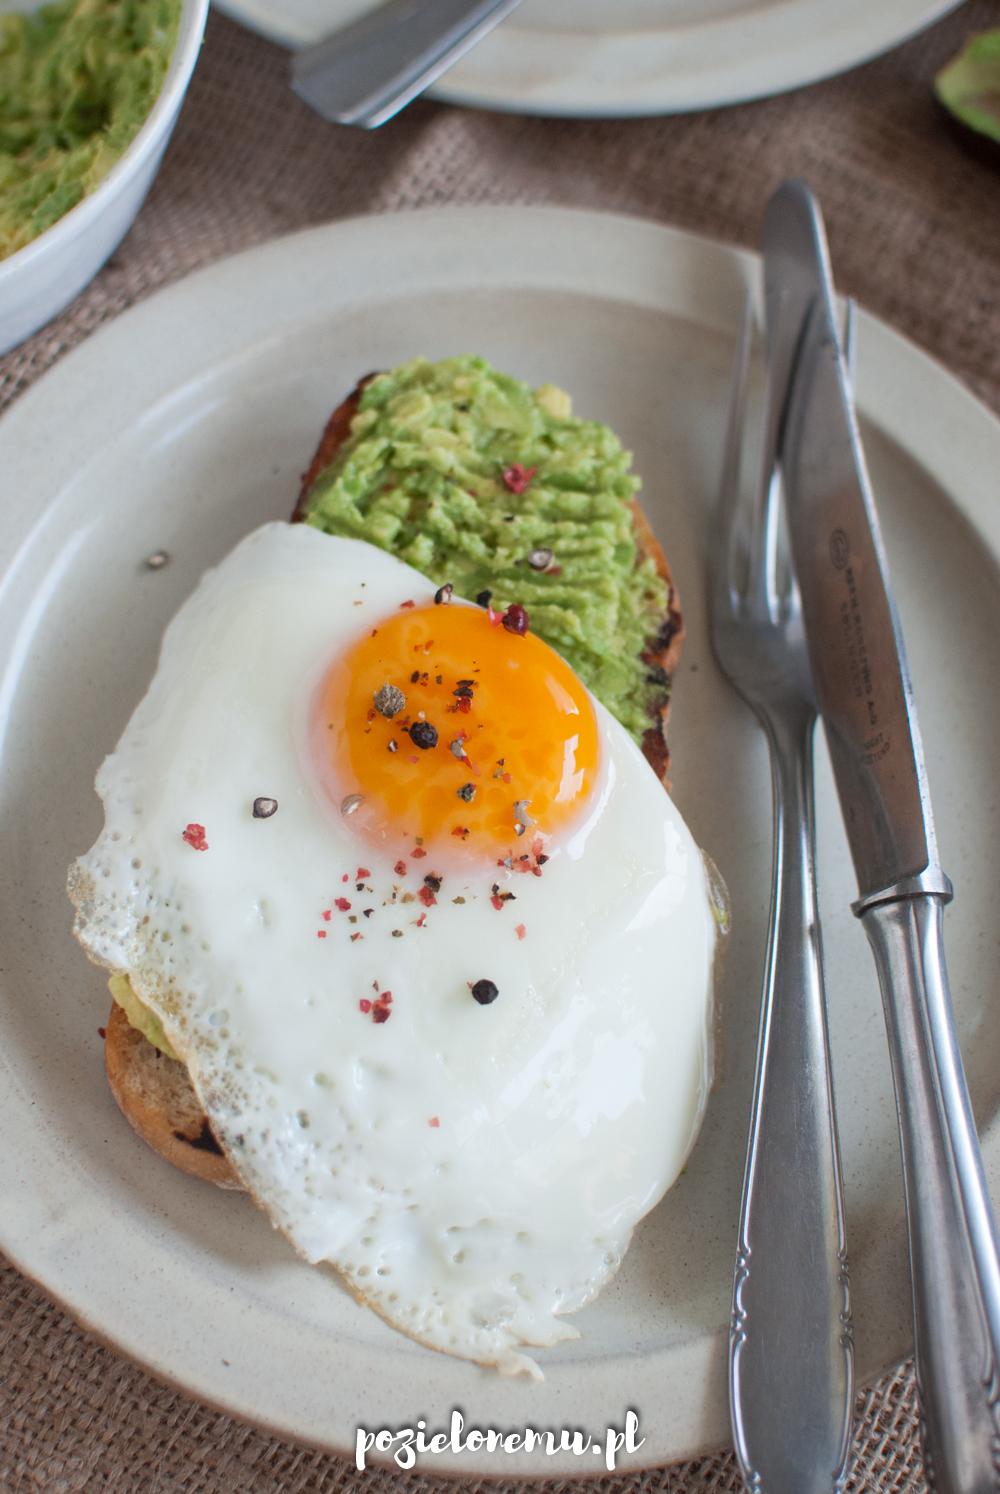 Tost z awokado i jajkiem sadzonym